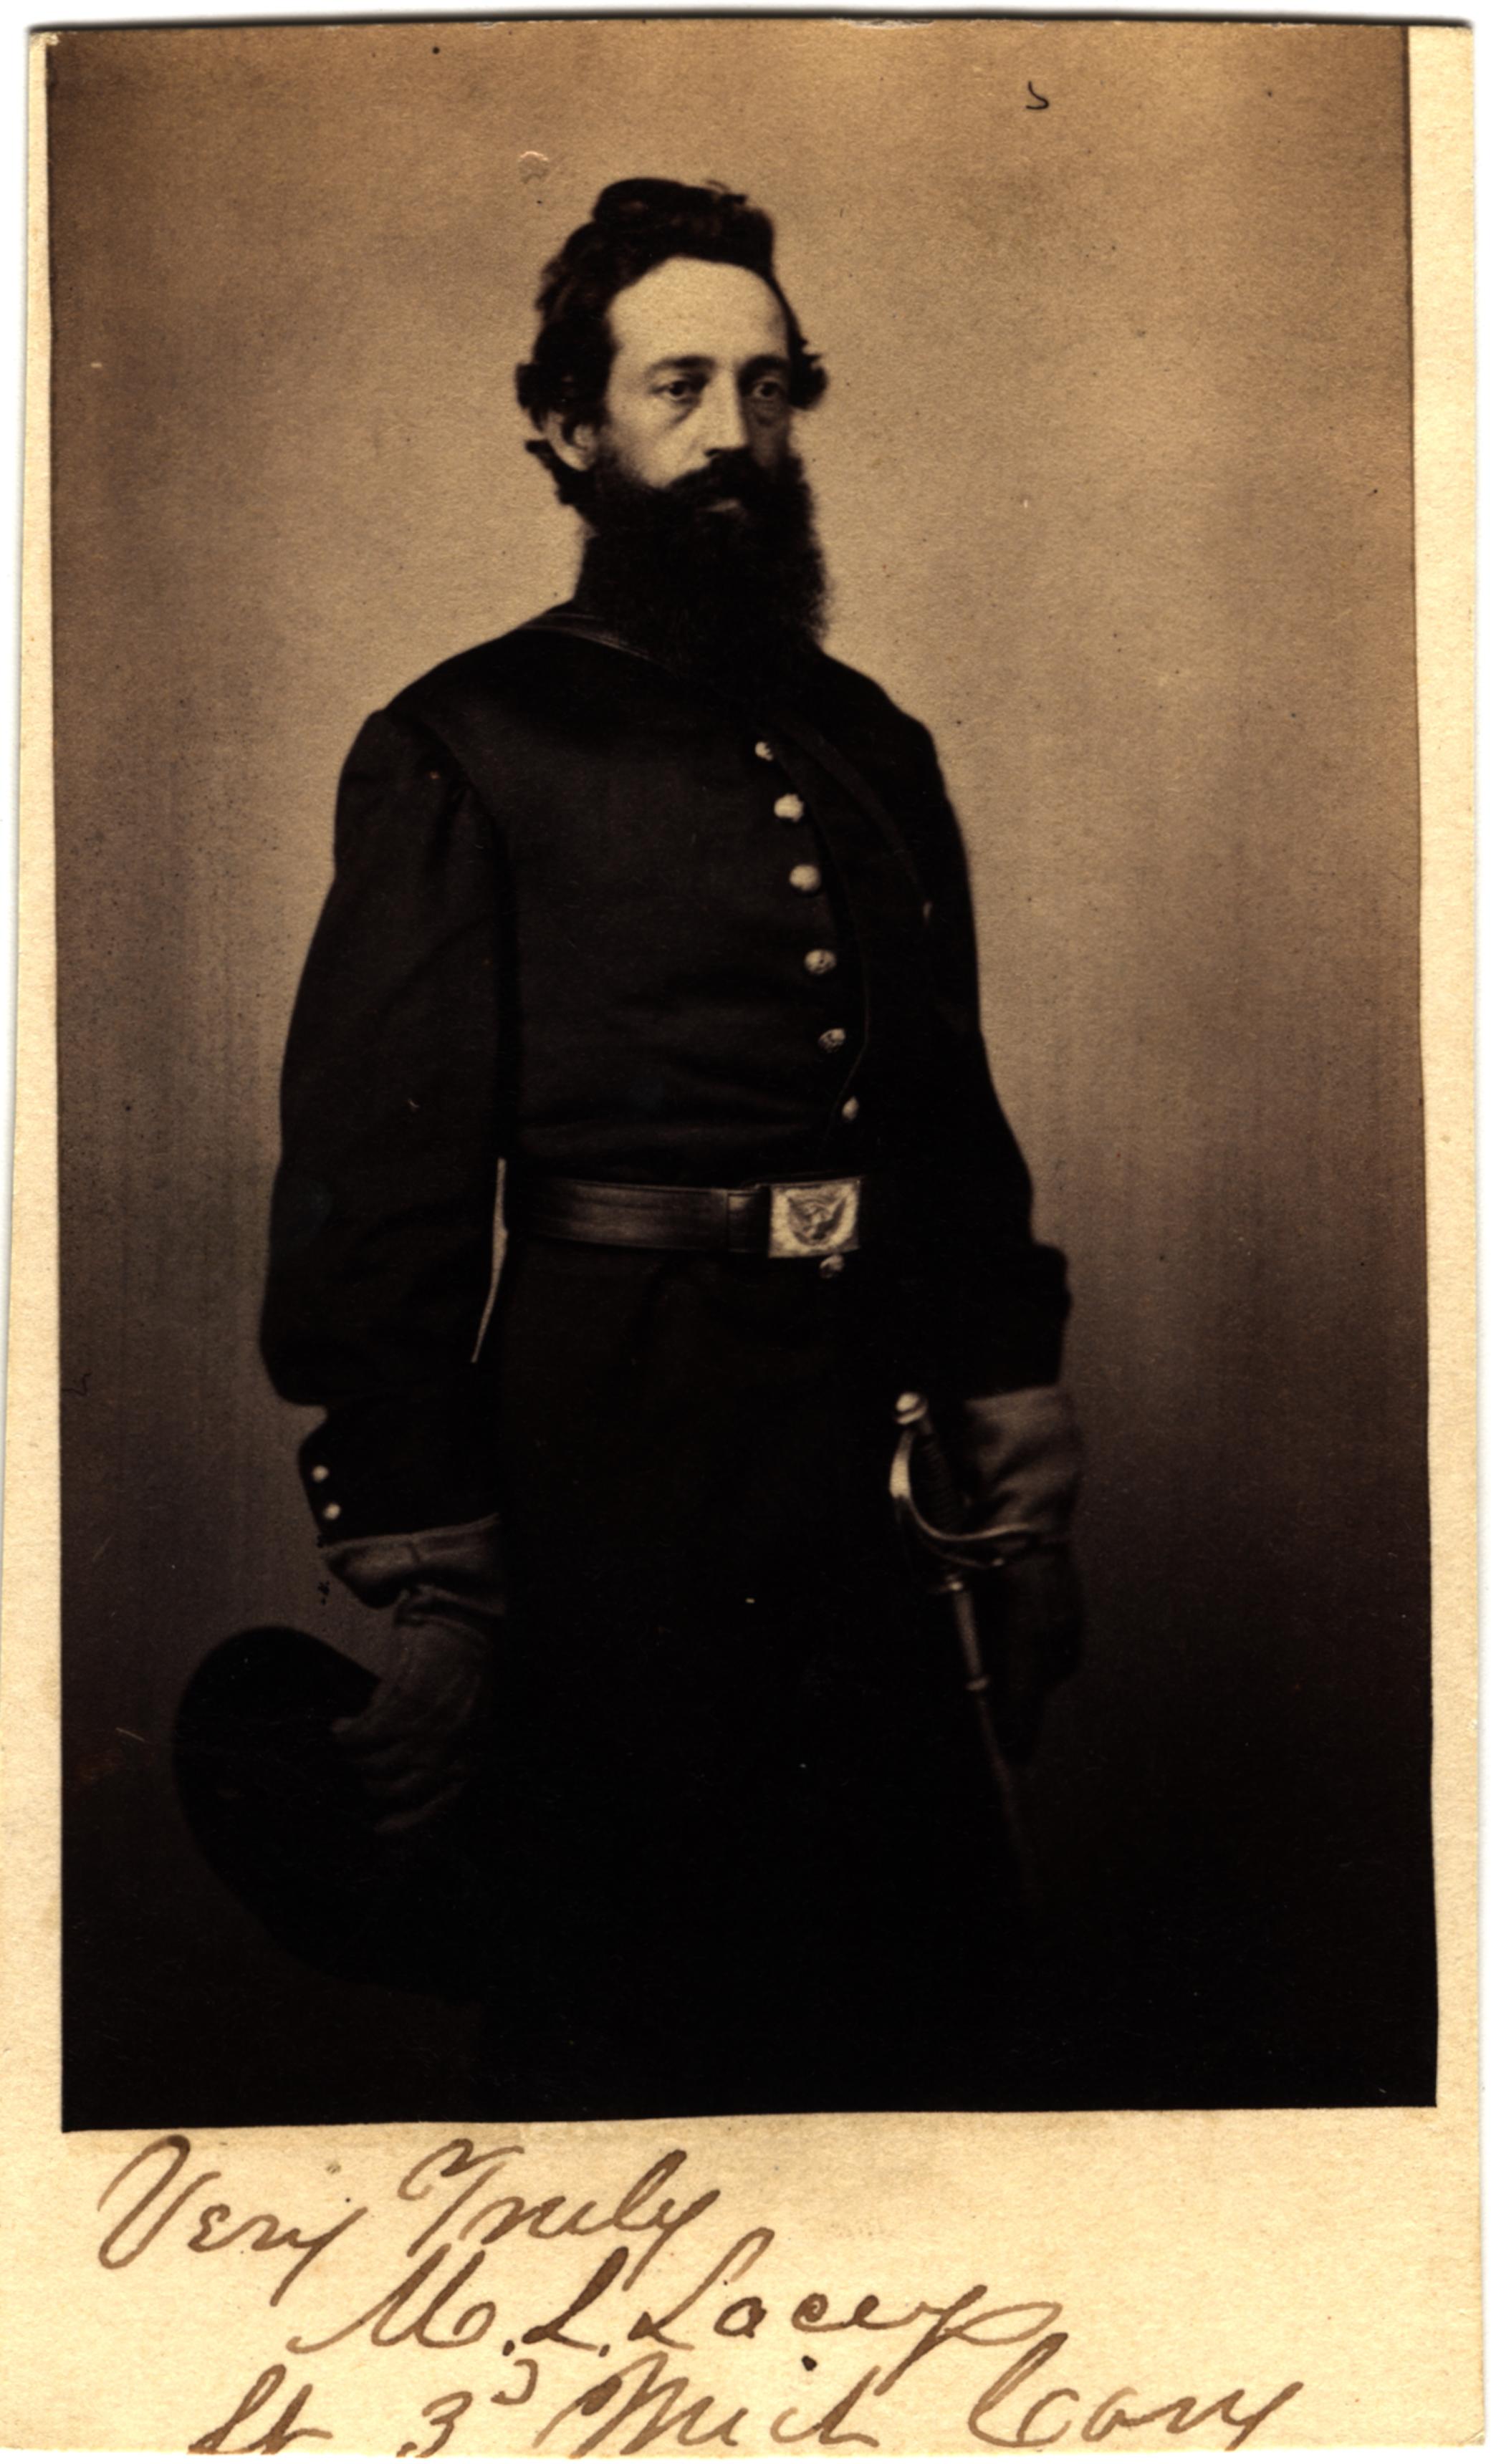 Martin L. Lacey, circa 1860s